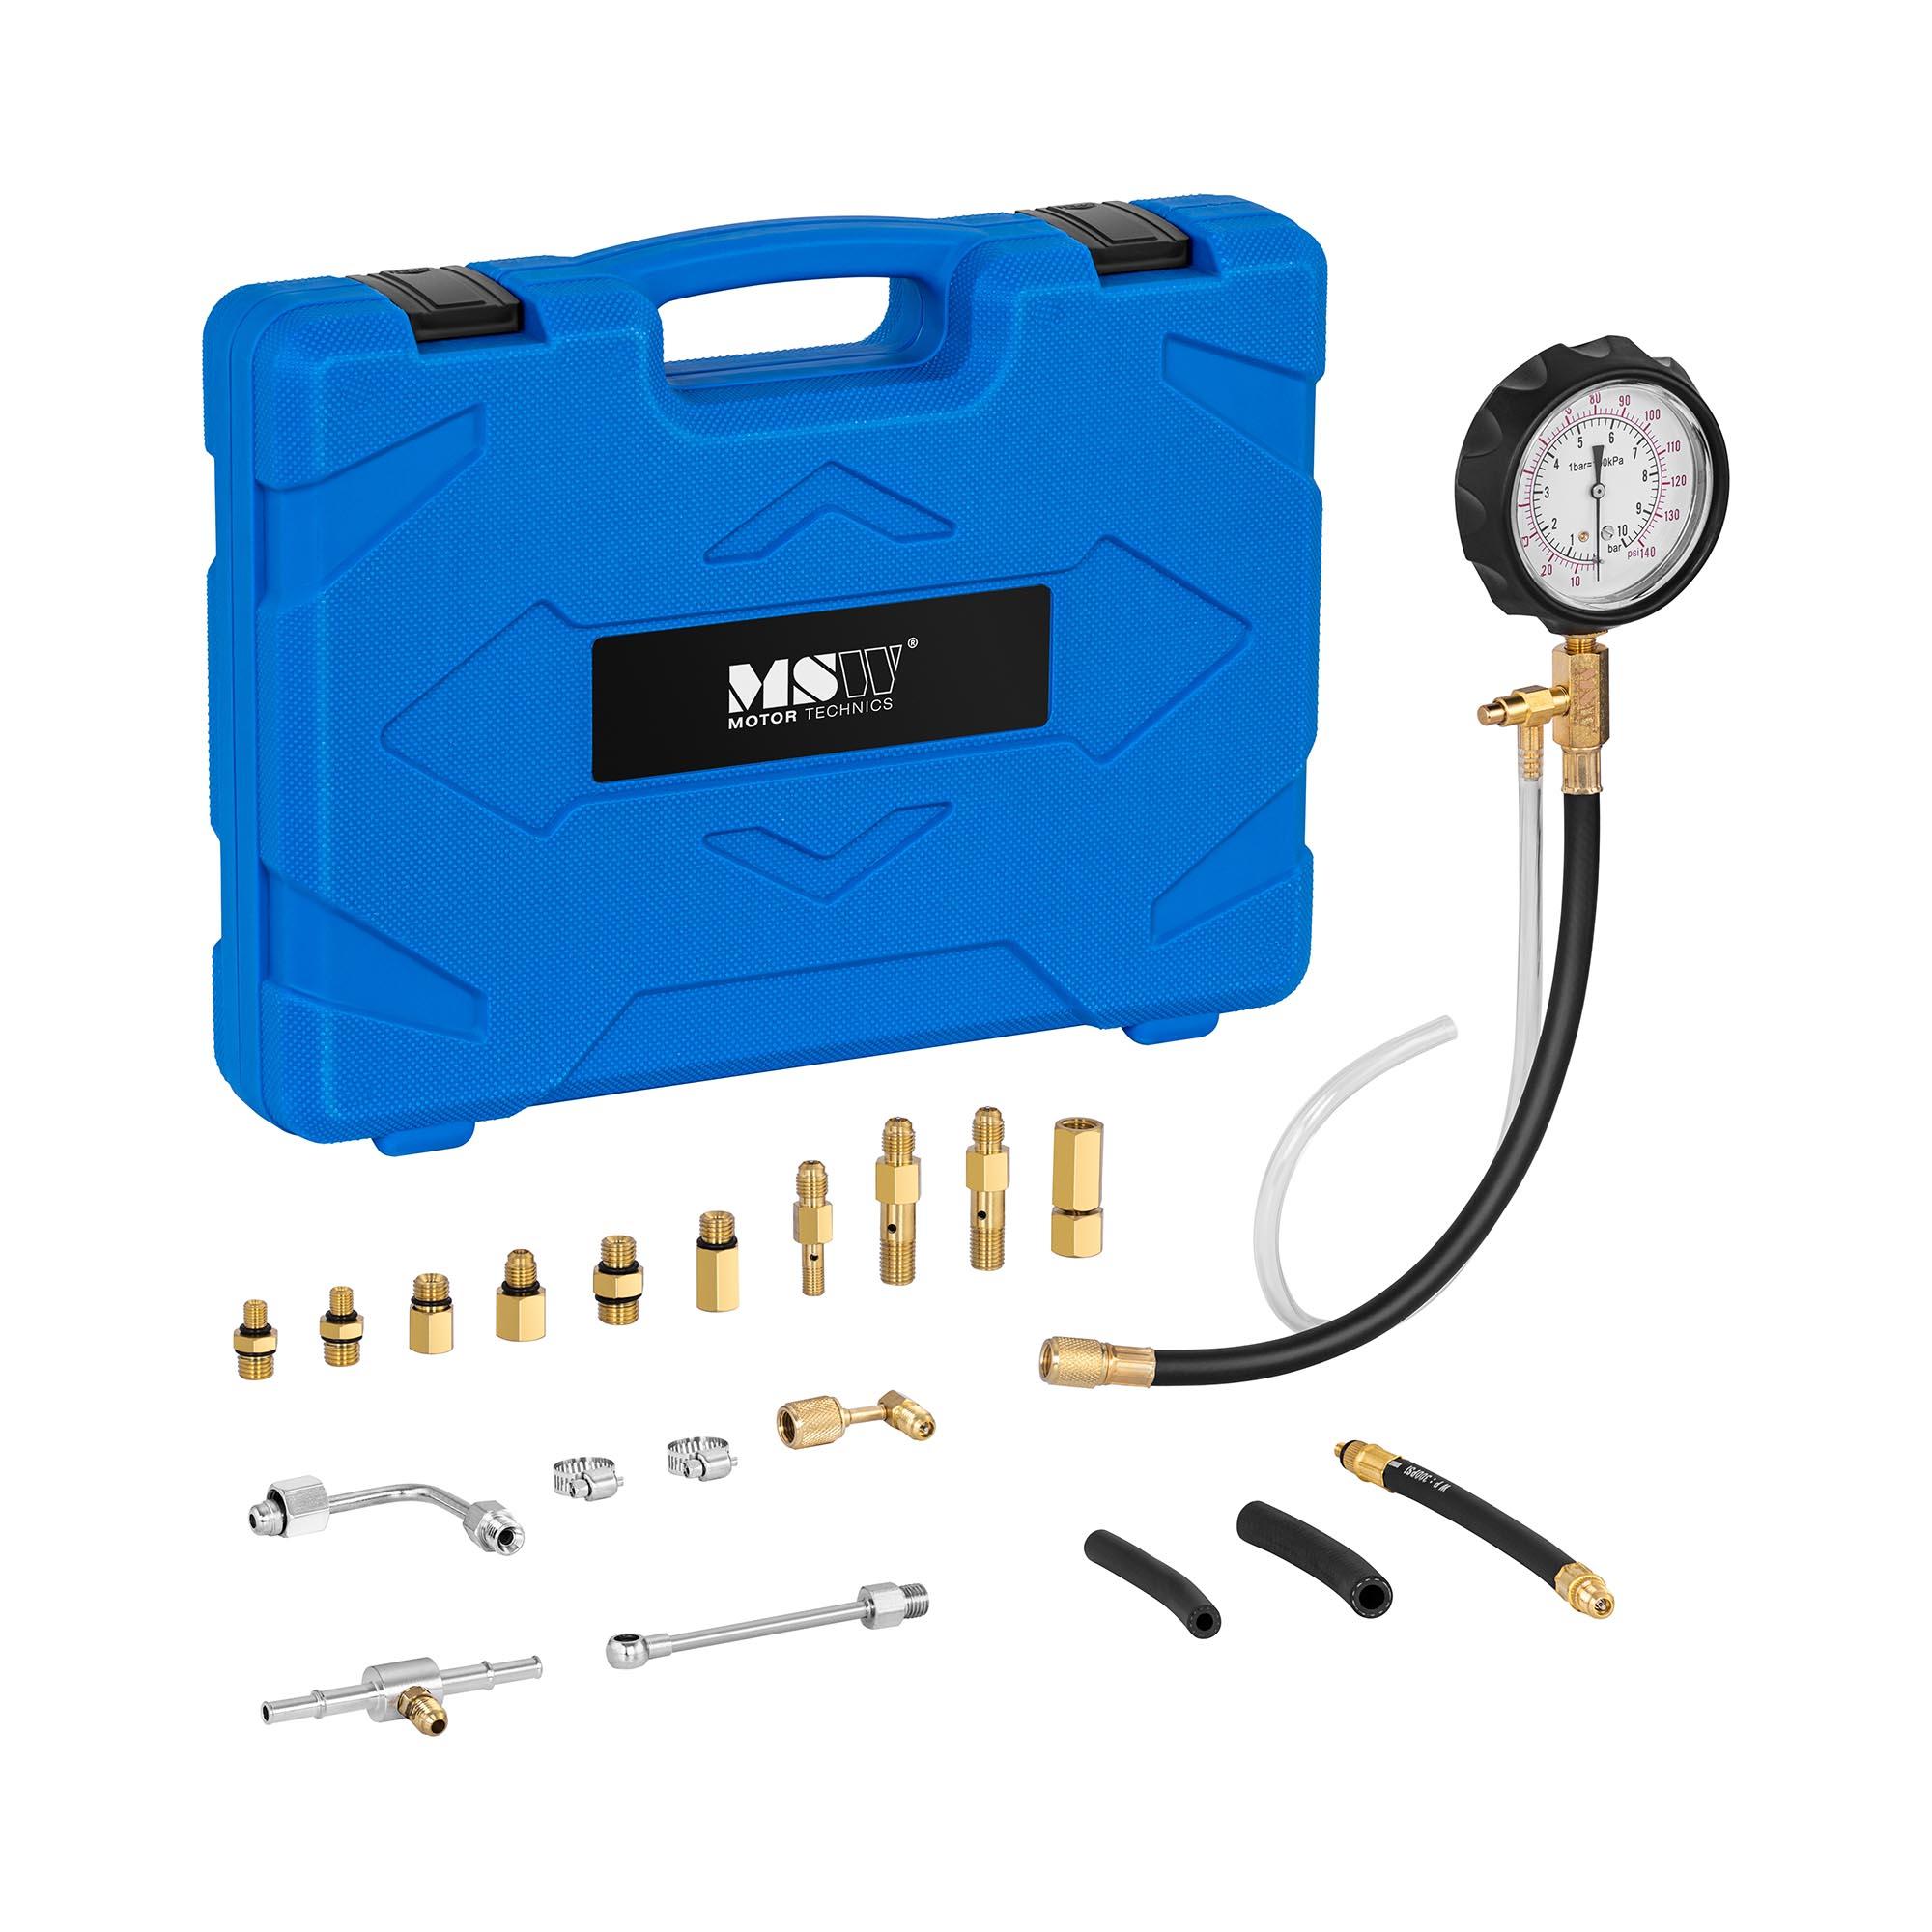 MSW Benzindruckprüfer - bis 9,6 bar - 20 Teile 10061237